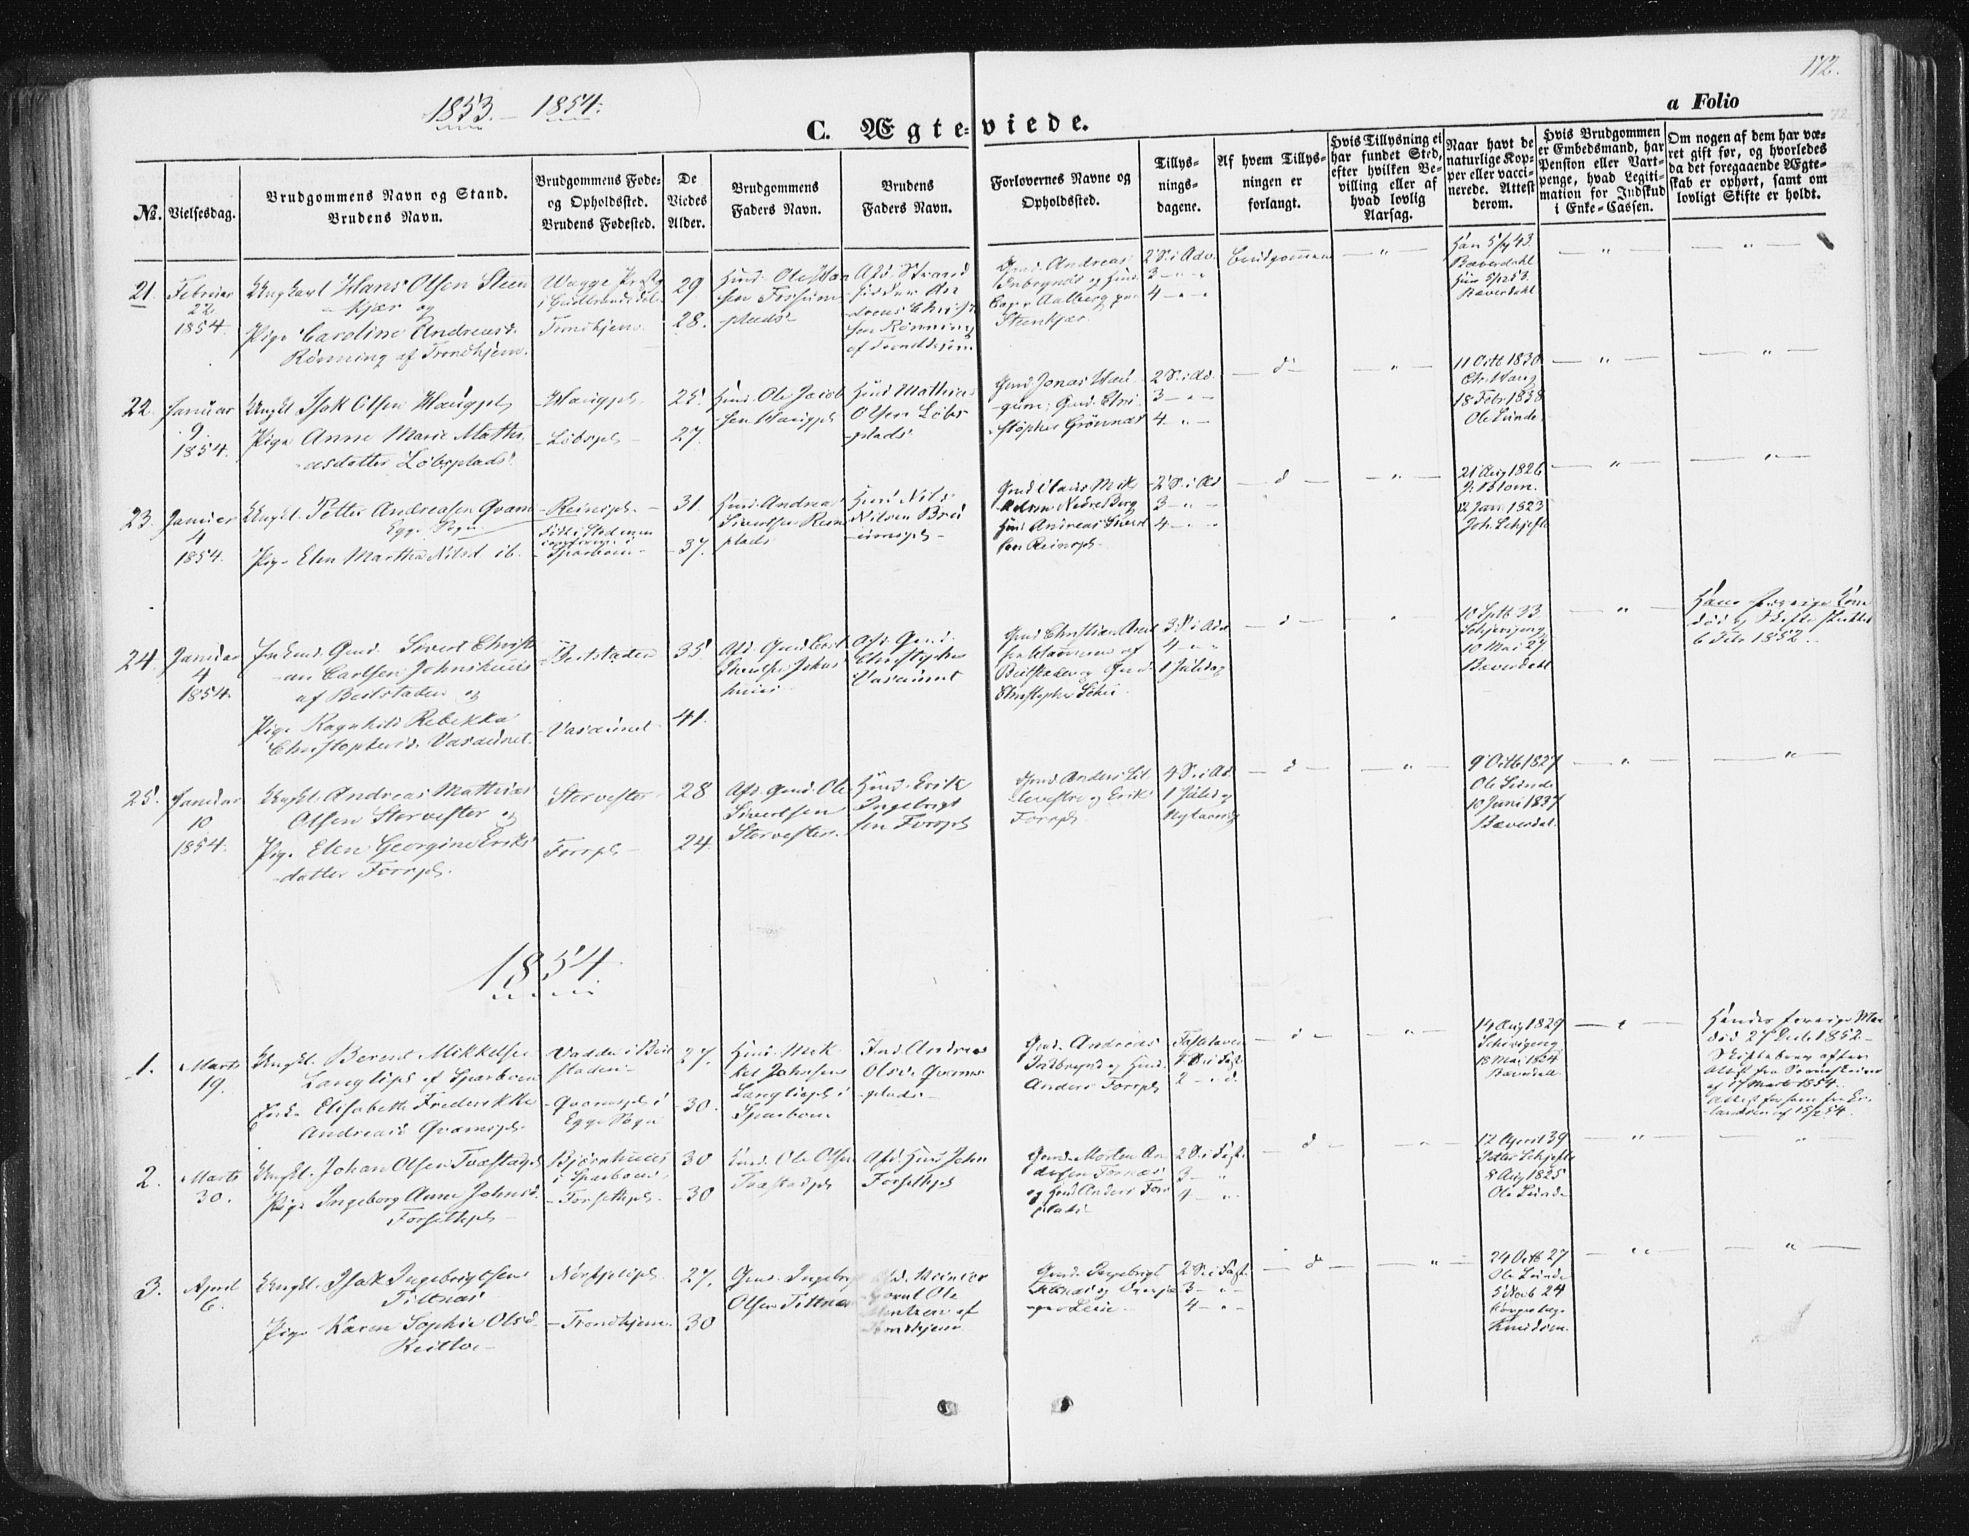 SAT, Ministerialprotokoller, klokkerbøker og fødselsregistre - Nord-Trøndelag, 746/L0446: Ministerialbok nr. 746A05, 1846-1859, s. 172